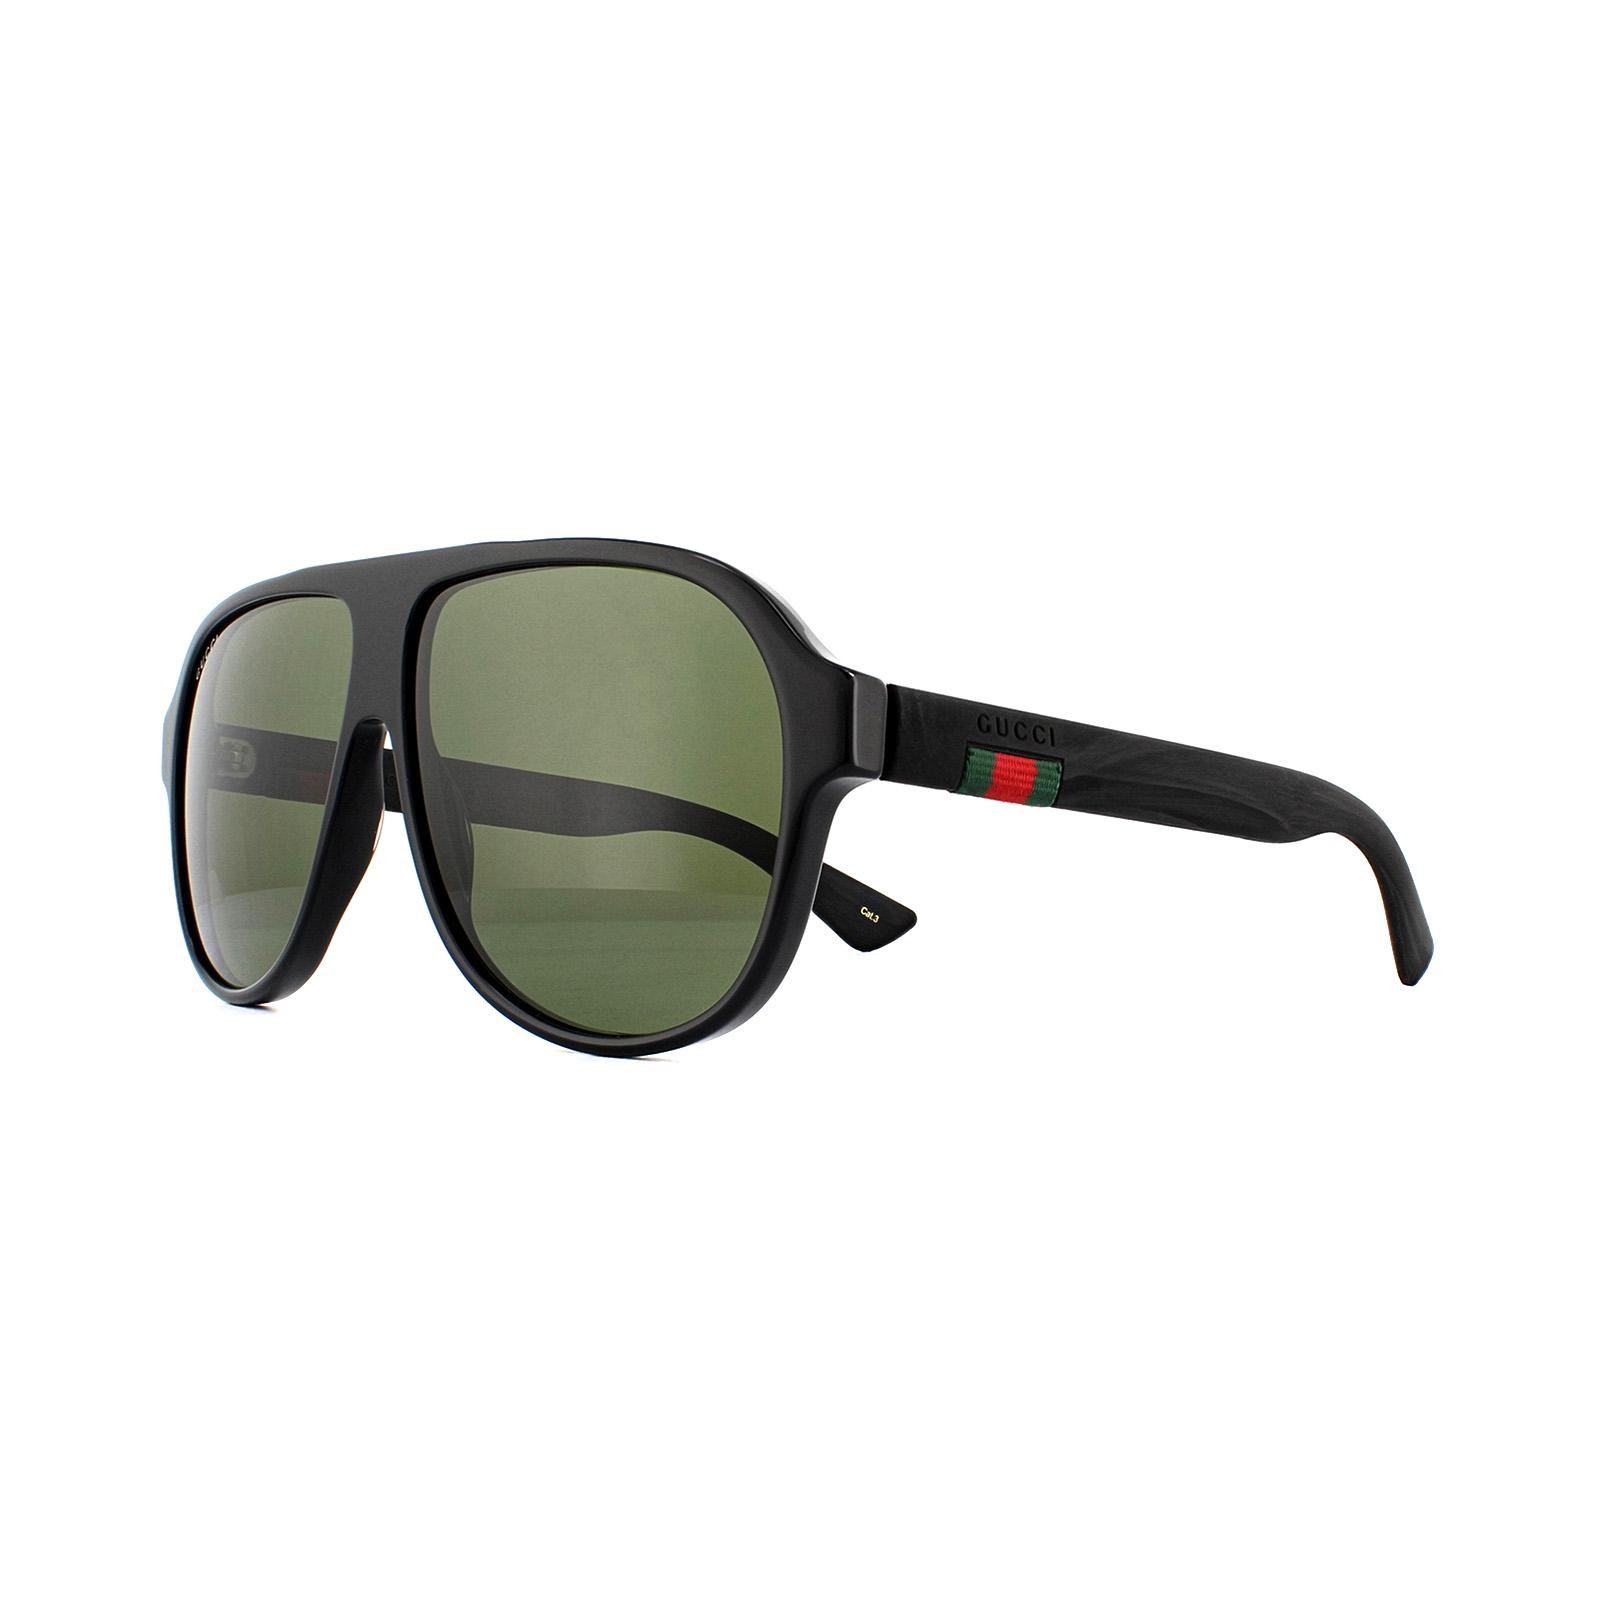 31ae996d6d1 Gucci Sunglasses GG0009S 001 Black Rubber Green 889652047515